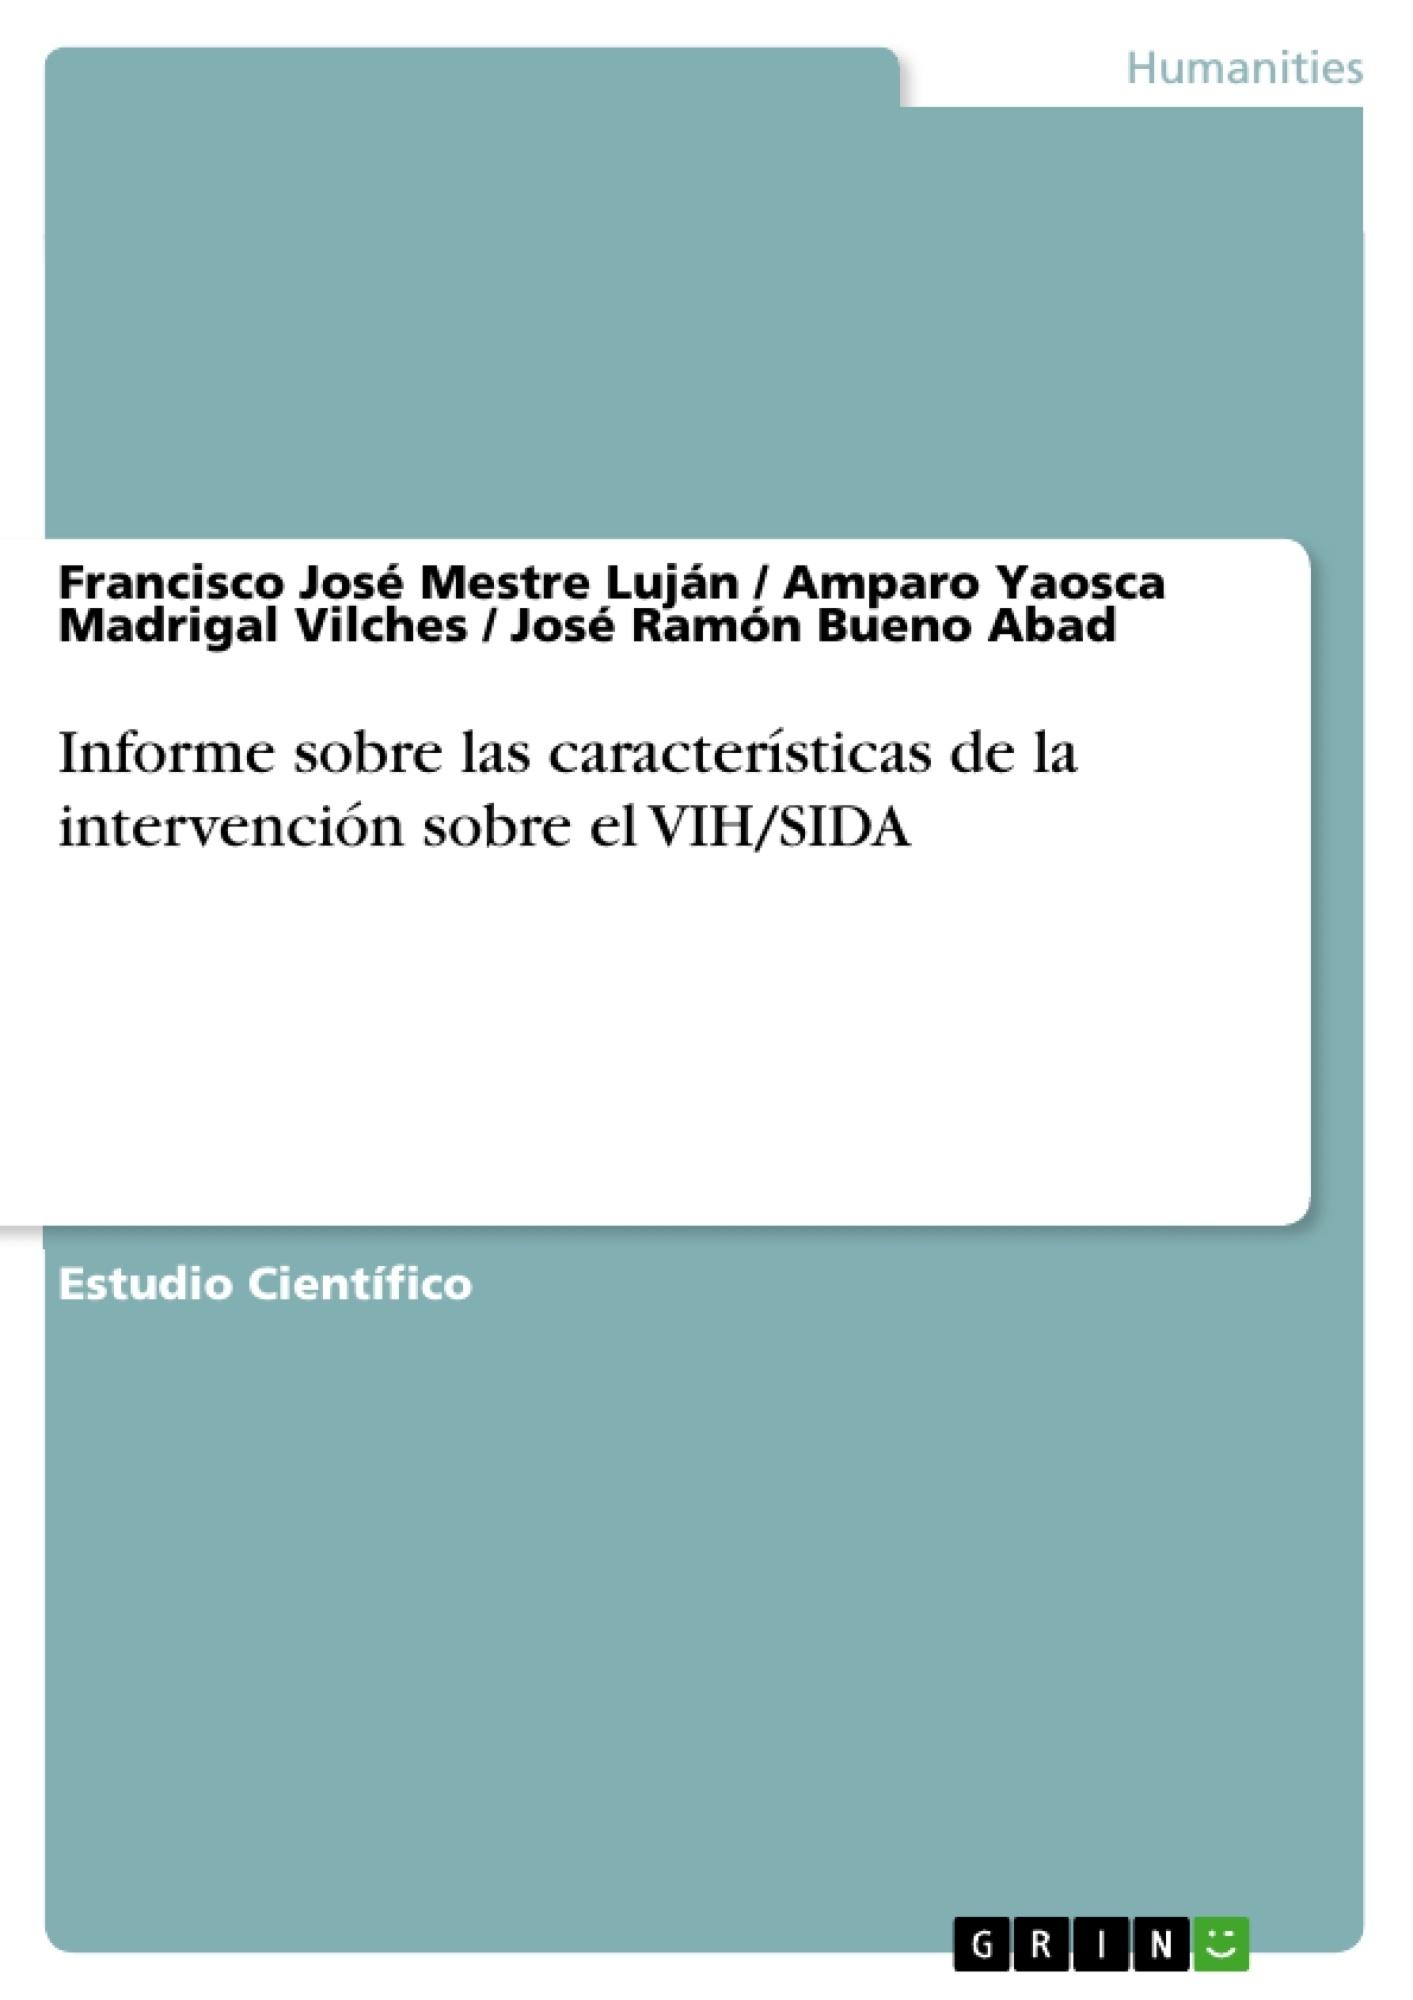 Título: Informe sobre las características de la intervención sobre el VIH/SIDA